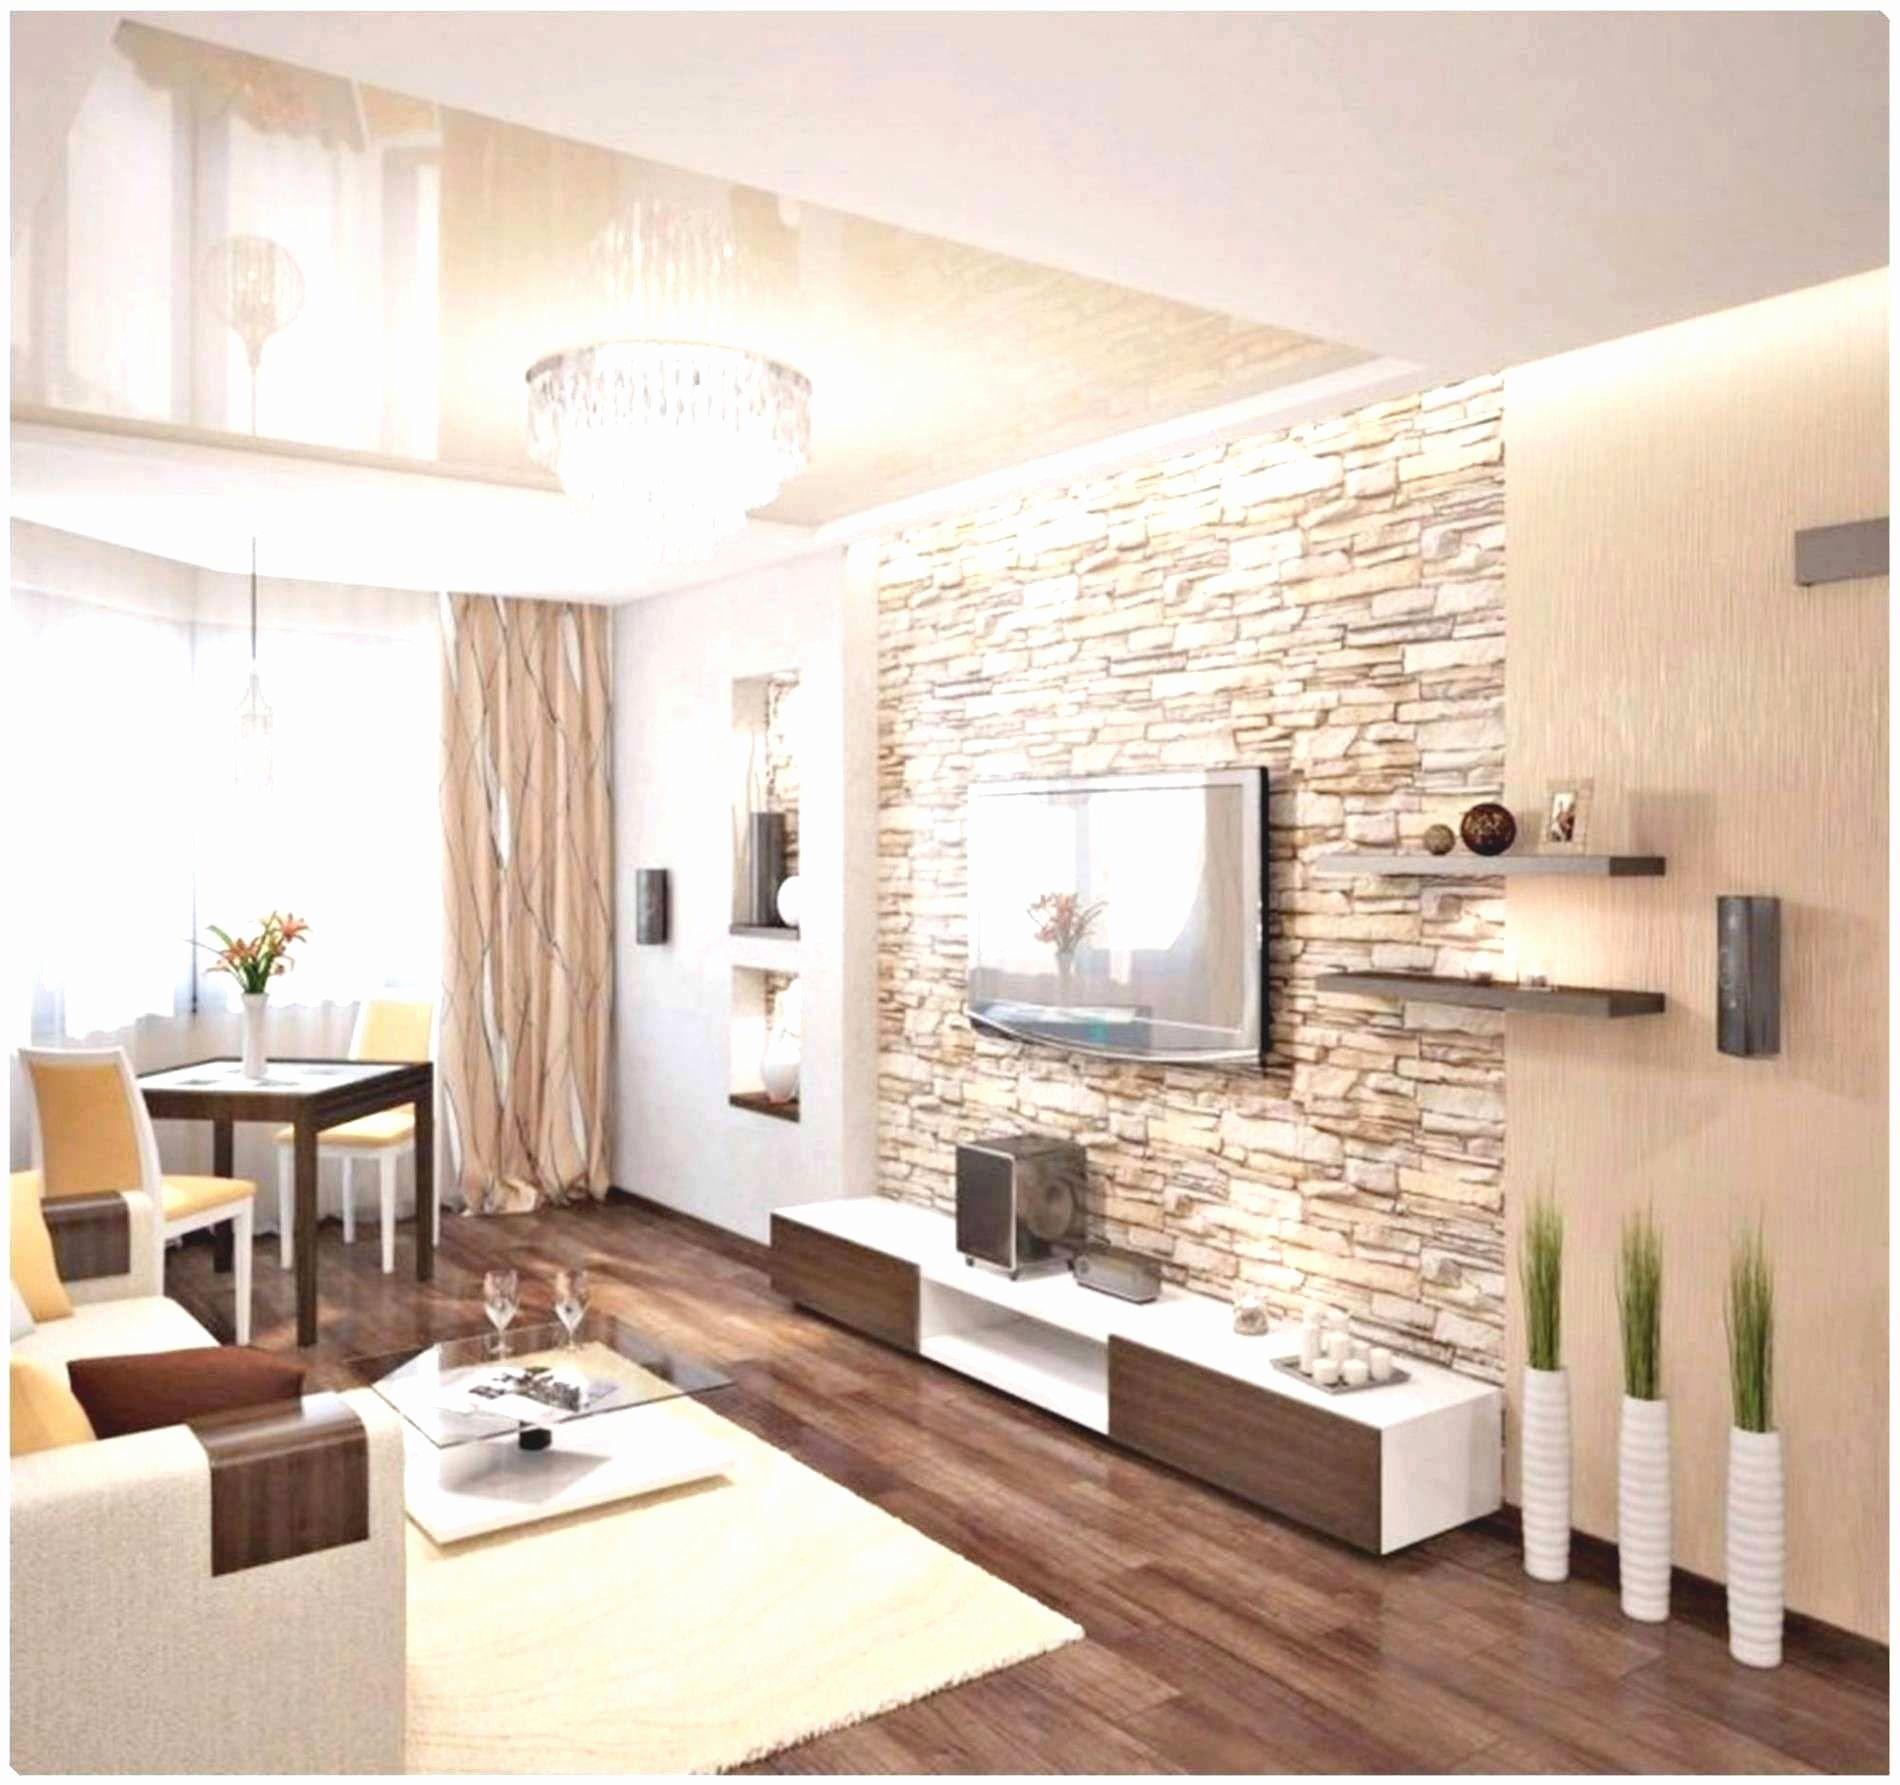 wohnzimmer ideen wandgestaltung inspirational hohe wand